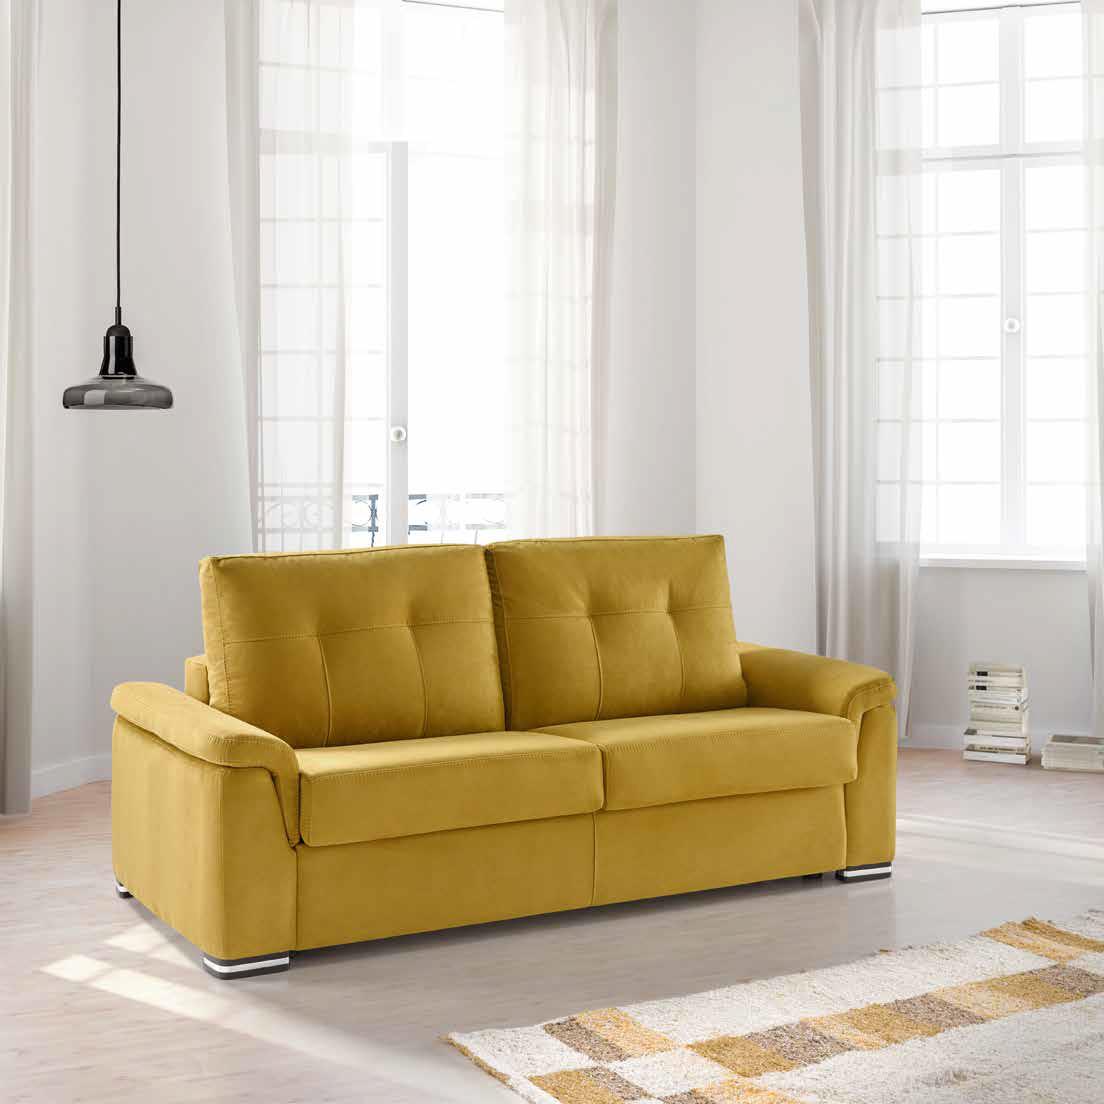 Tiendas De sofas En Granada Qwdq Tienda De sofà S Y Sillones En Granada Fegomar Muebles Para El Hogar